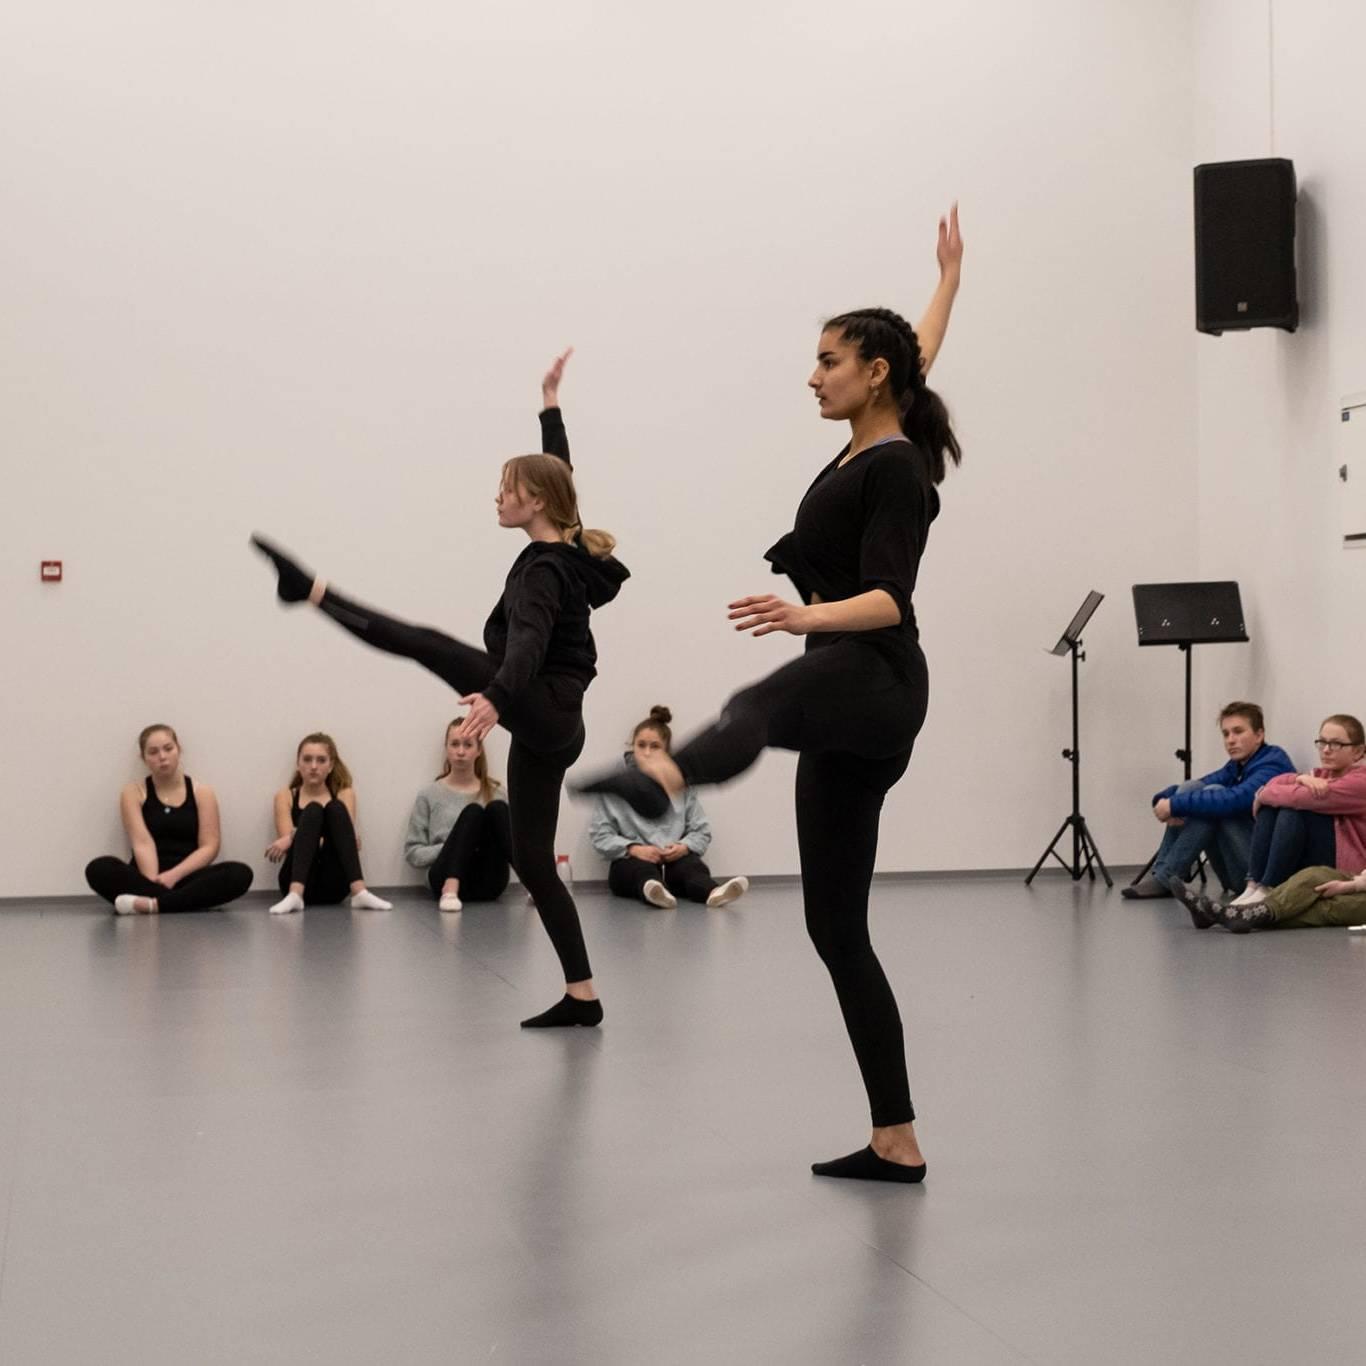 Danserne Kornelia Sundberg og Martine Støholen tar turen fra Tynset til Røros for å være med på forestillingen Storveis Underveis. Foto: Trine Lysholm Hagan.